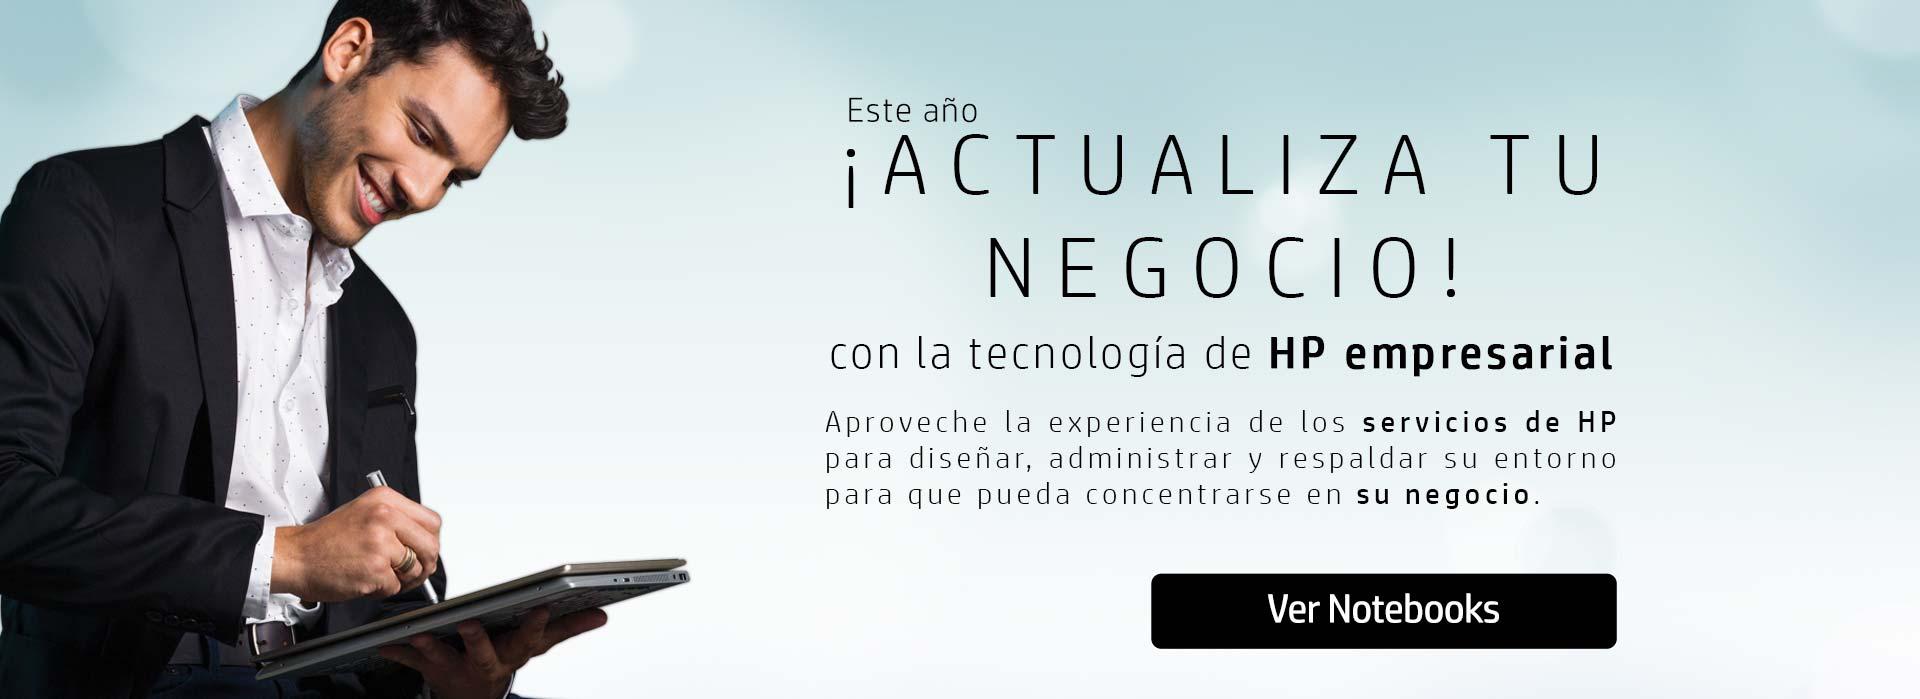 Este año actualiza tu negocio con la tecnología de HP Empresarial